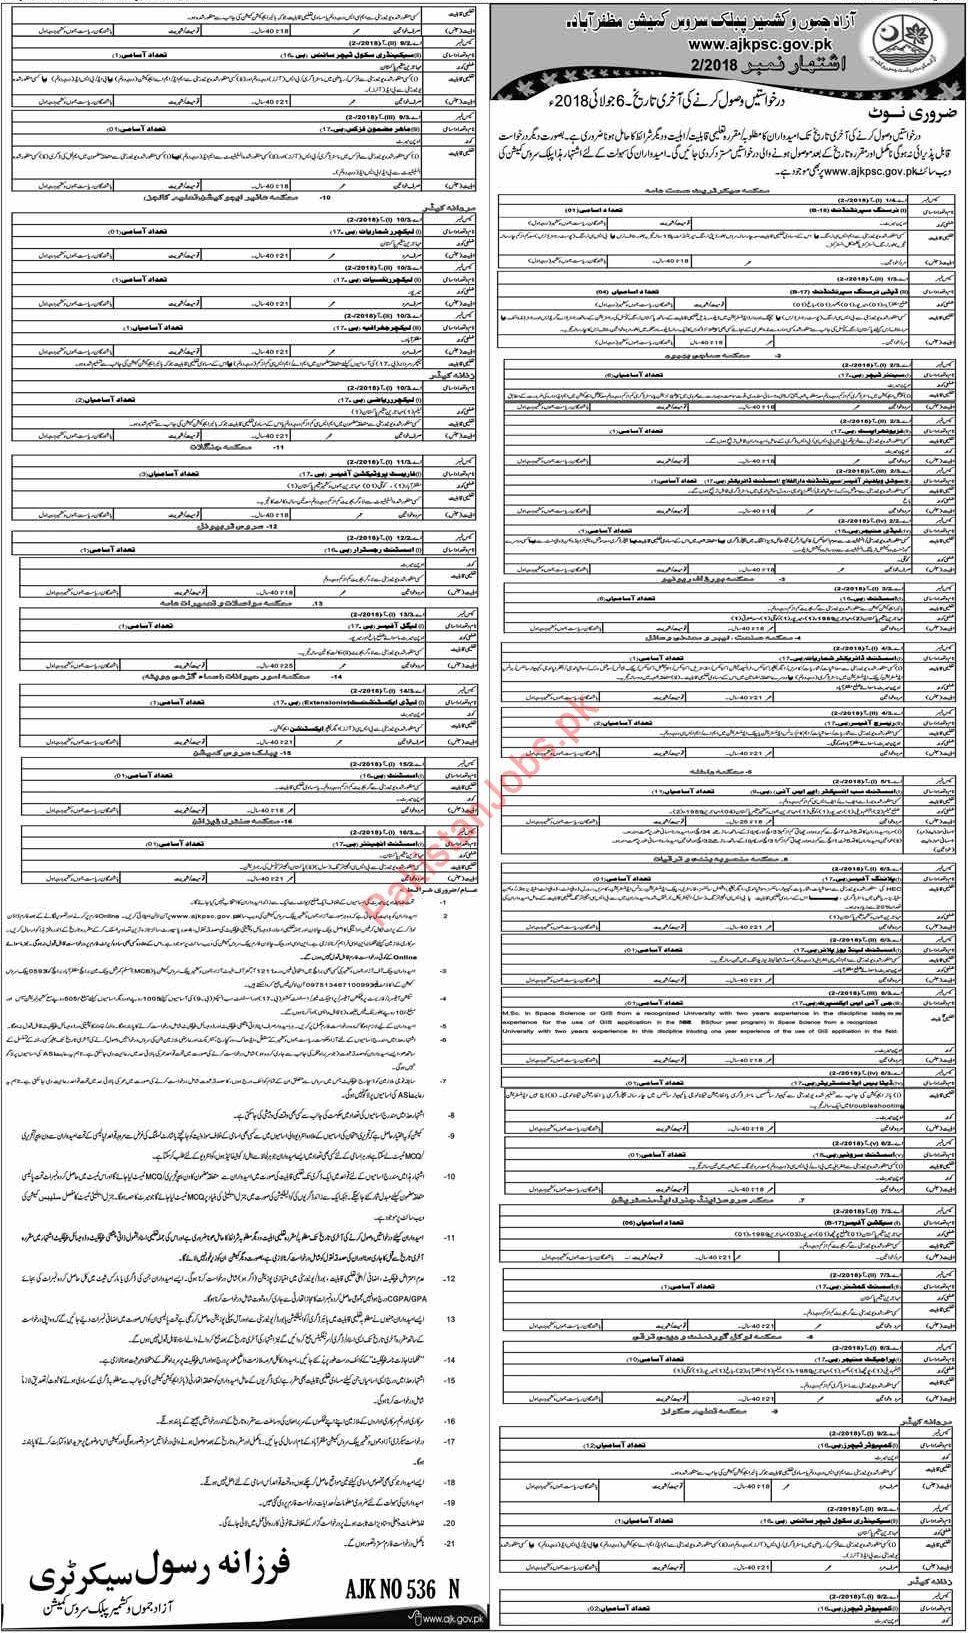 AJKPSC Muzaffarabad Jobs 2018